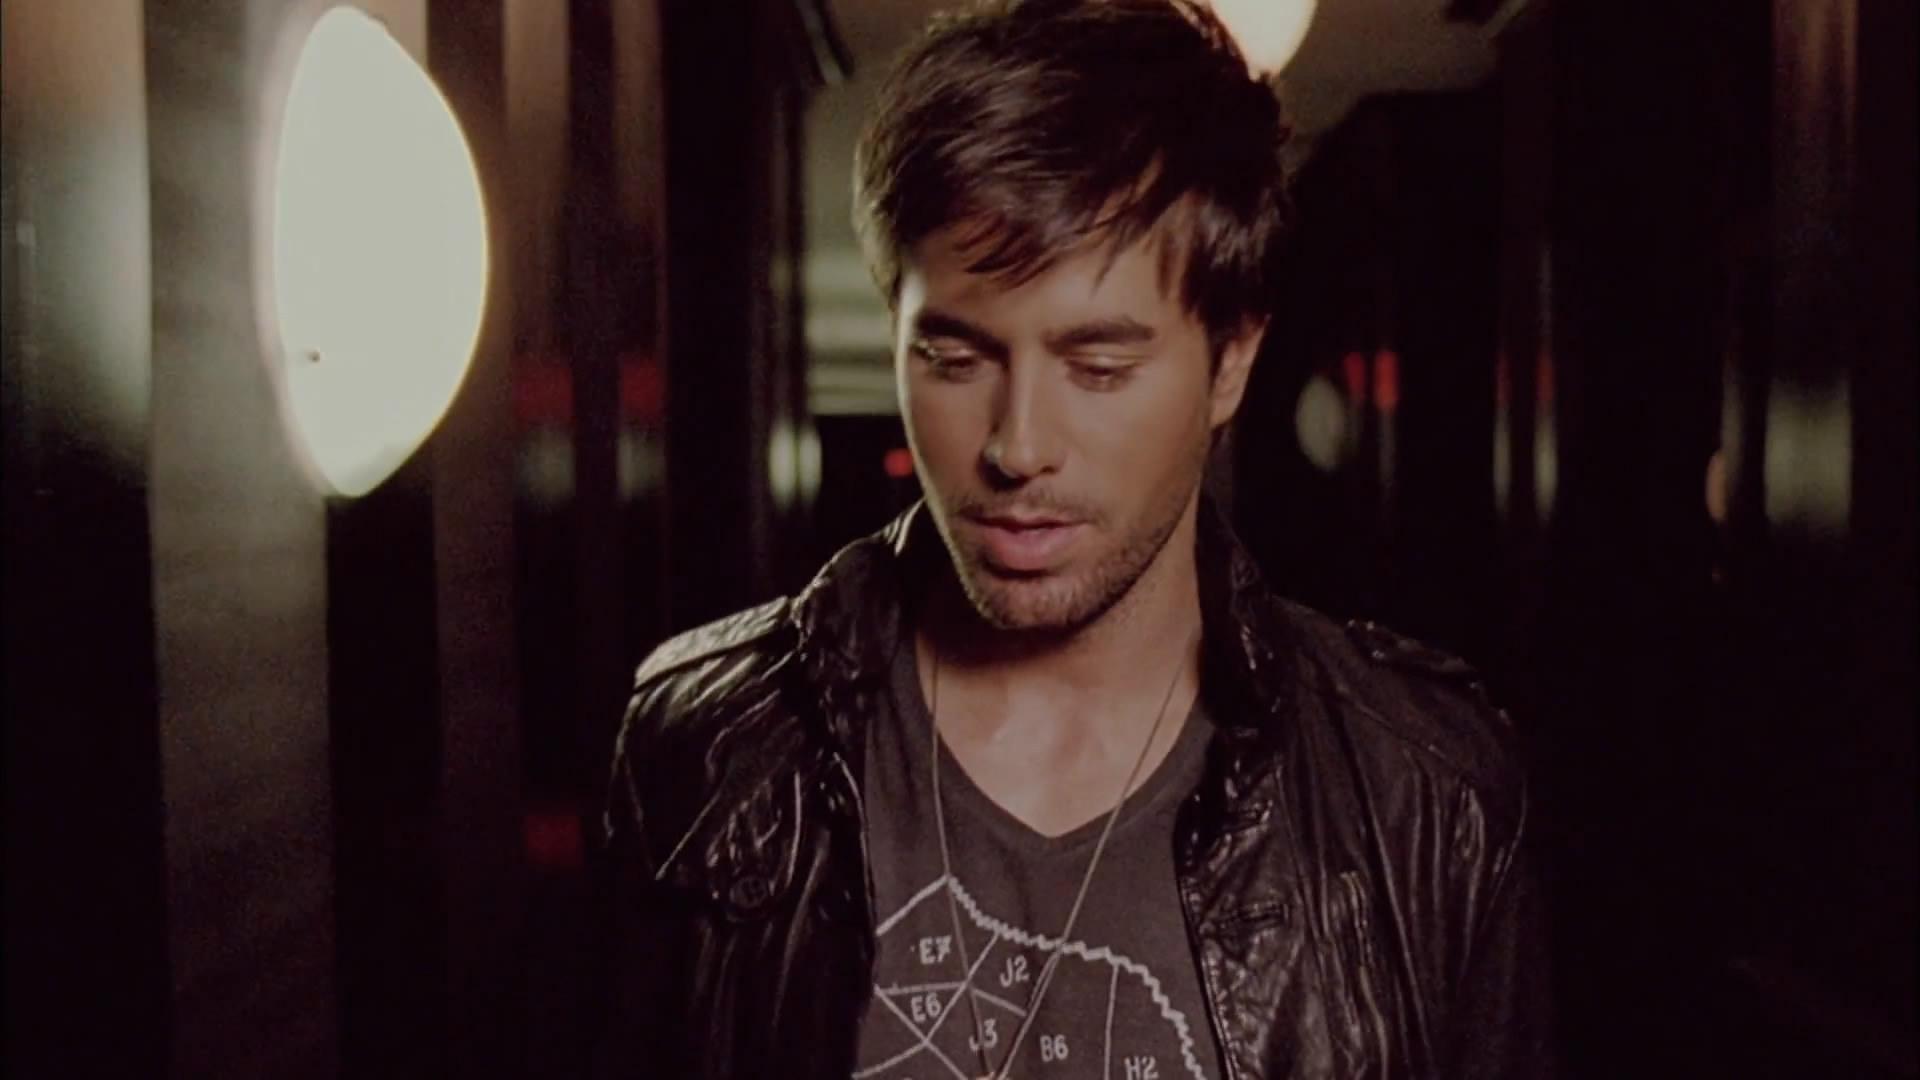 Dev ft Enrique Iglesias-Naked - YouTube